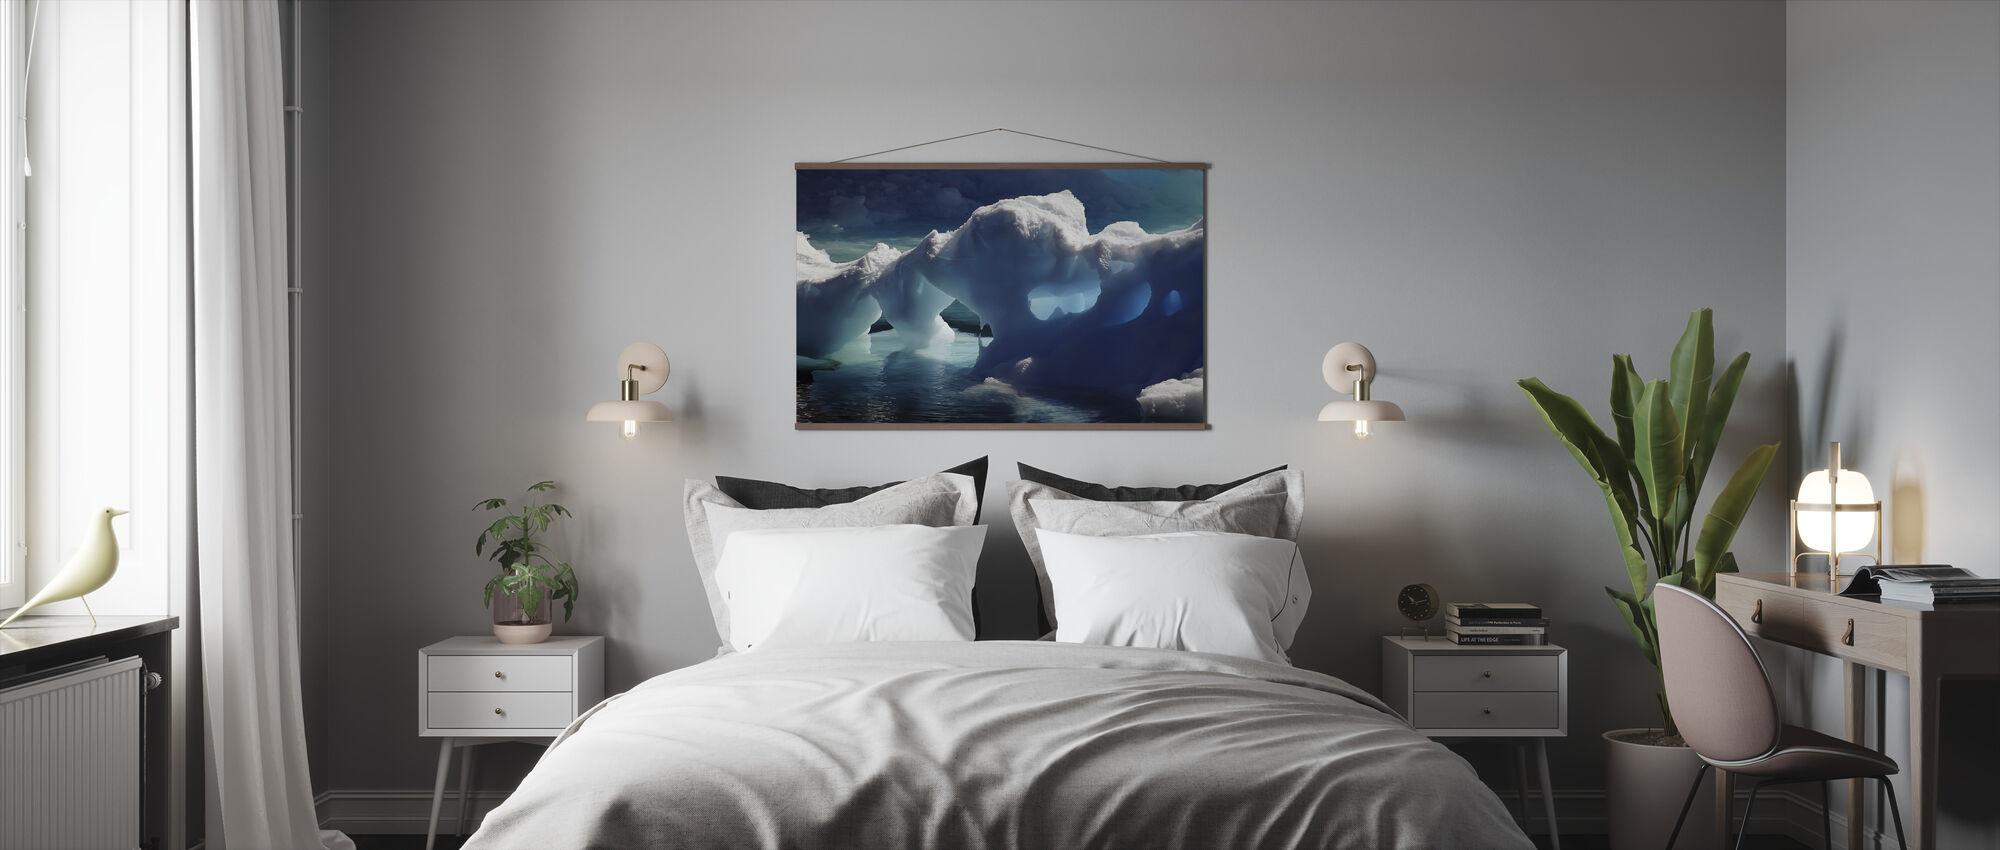 Grottes de glace de l'Antarctique - Affiche - Chambre